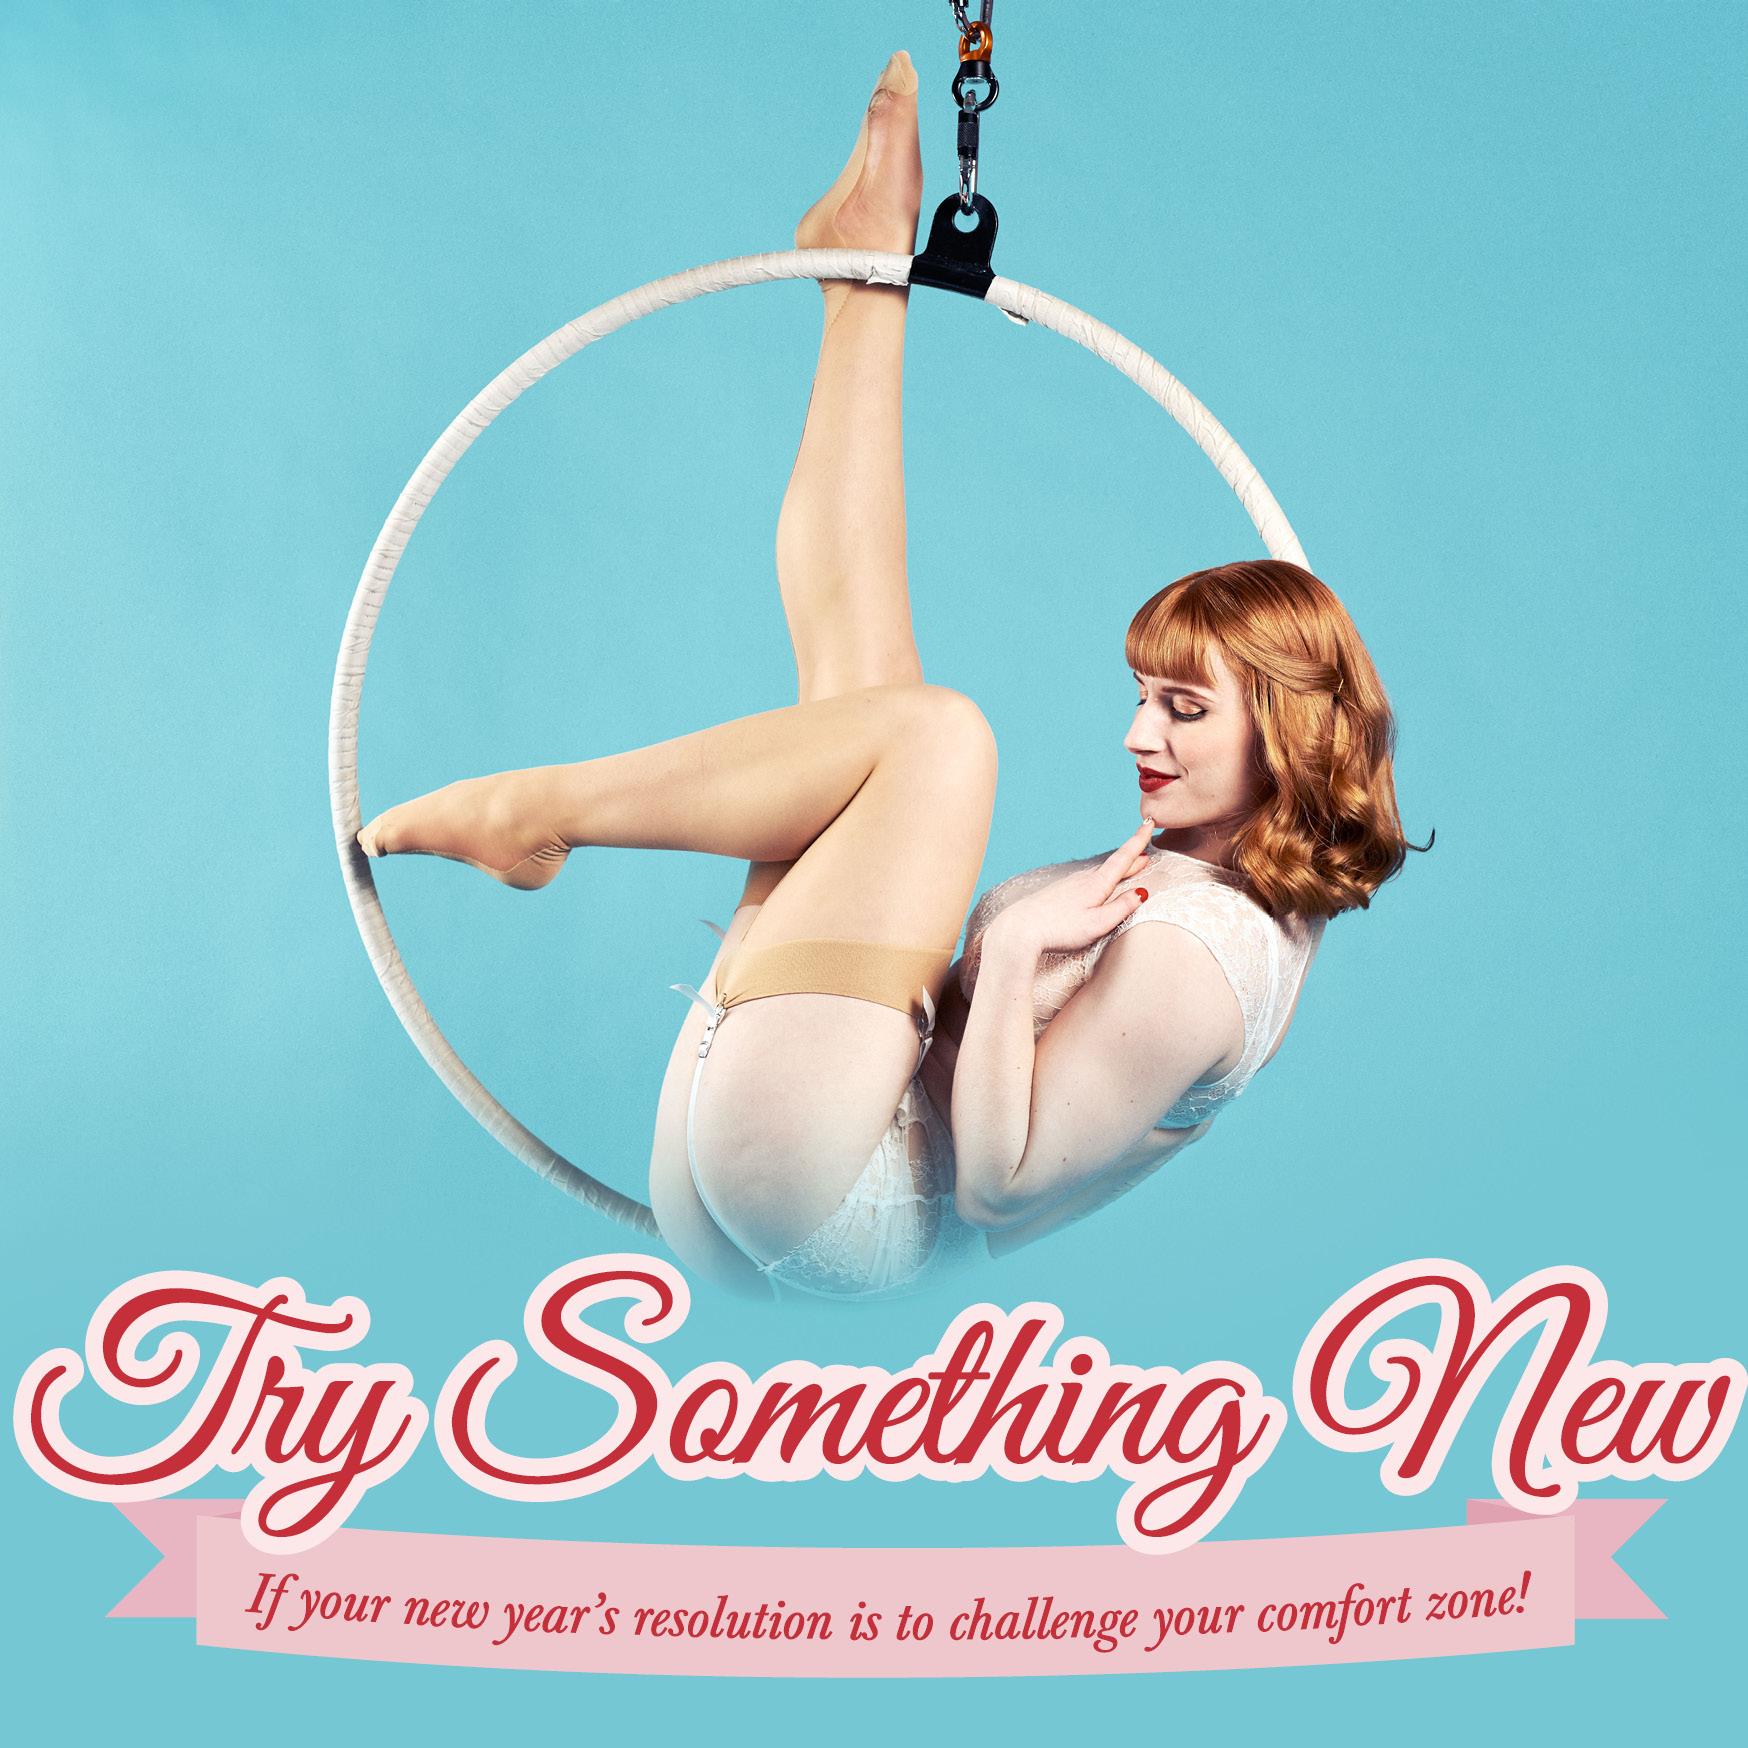 Try-Something-New-Banner.jpg